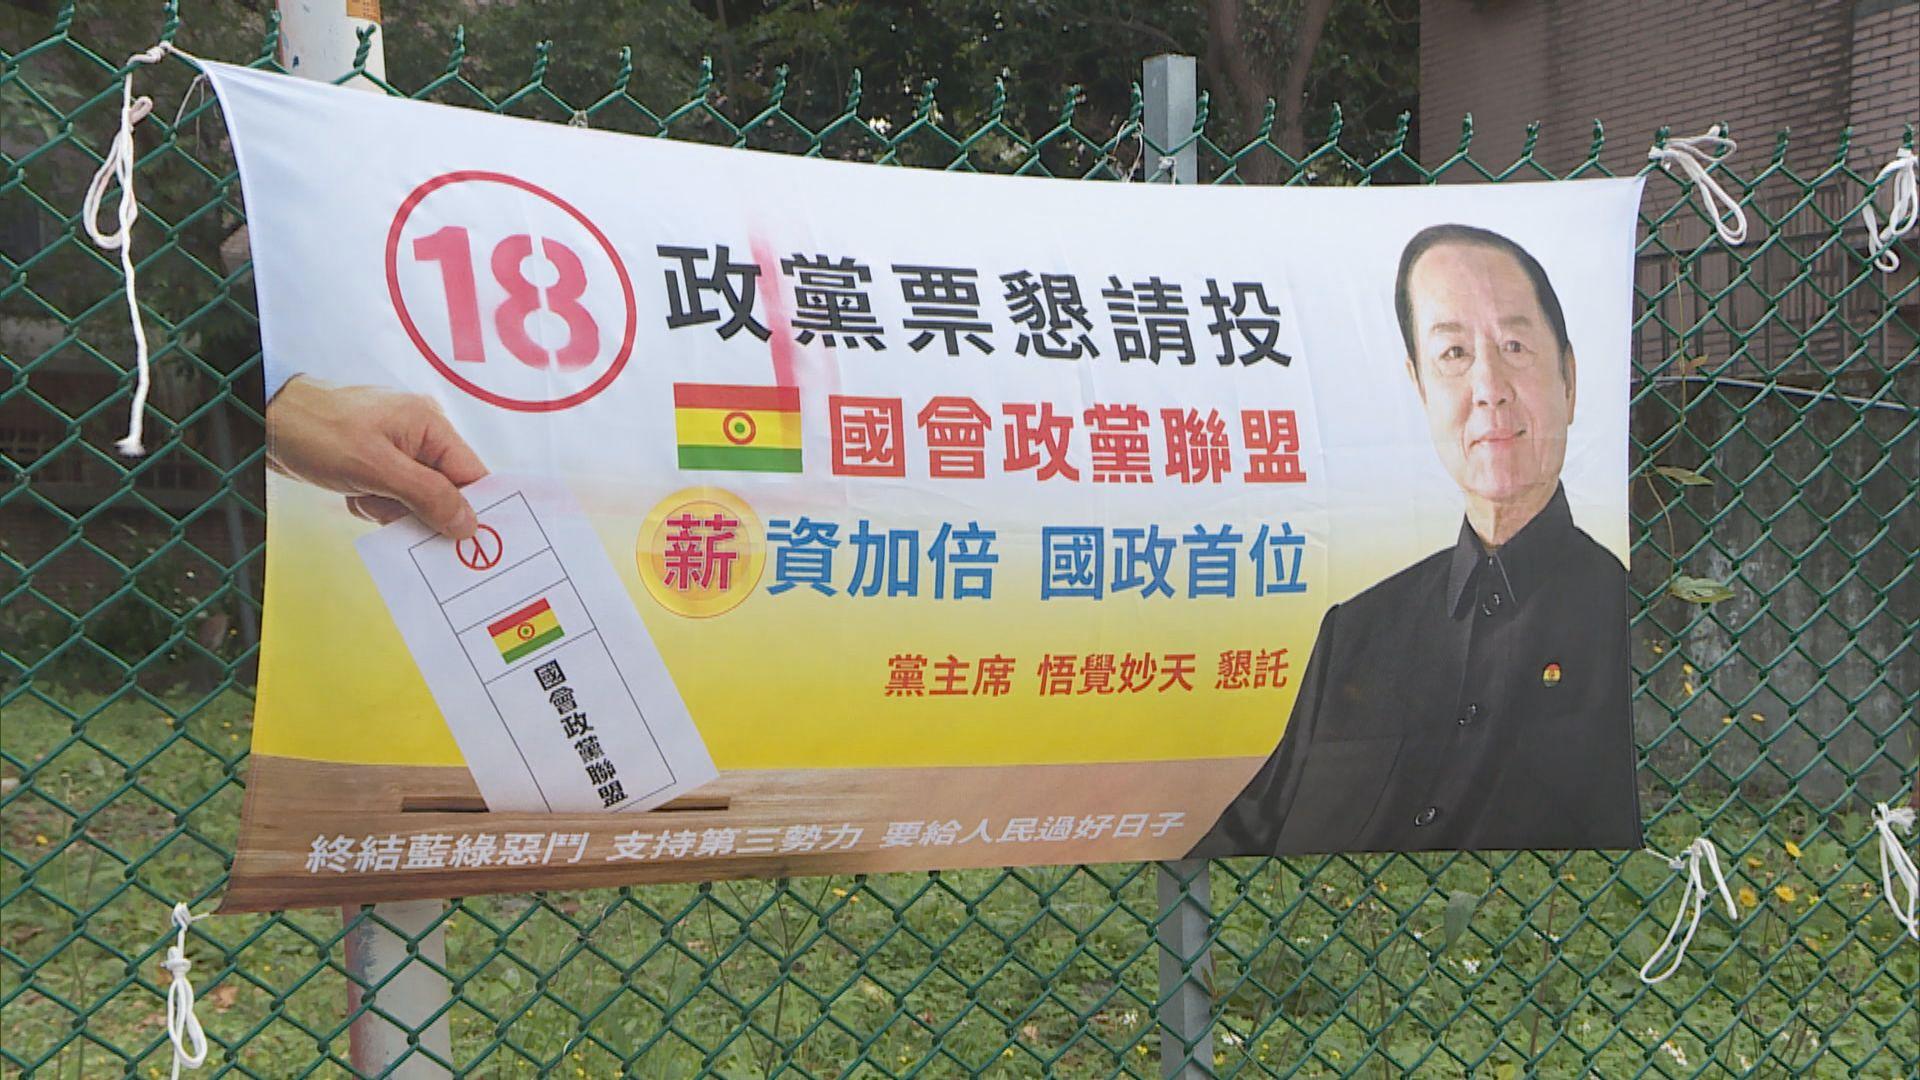 【台灣大選】小黨力拼躋身立委 學者認為空間有限